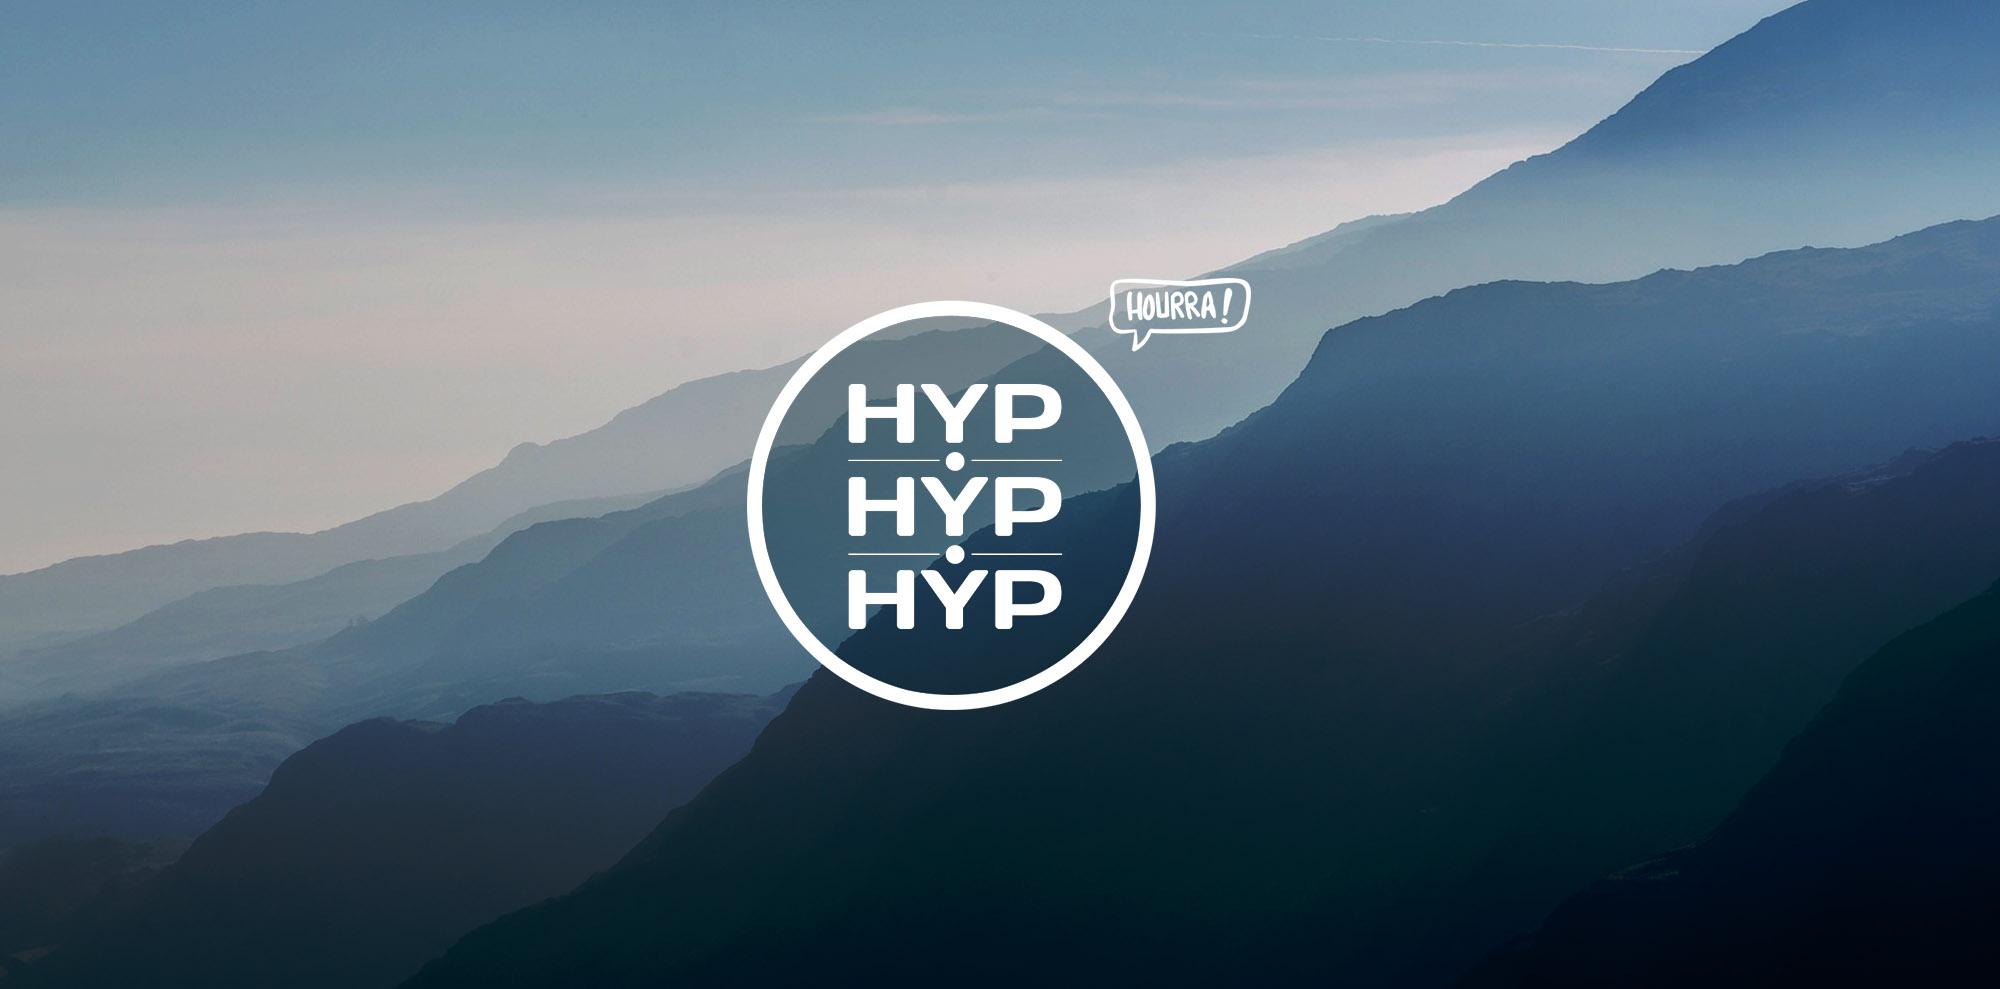 hyphyphypbg5